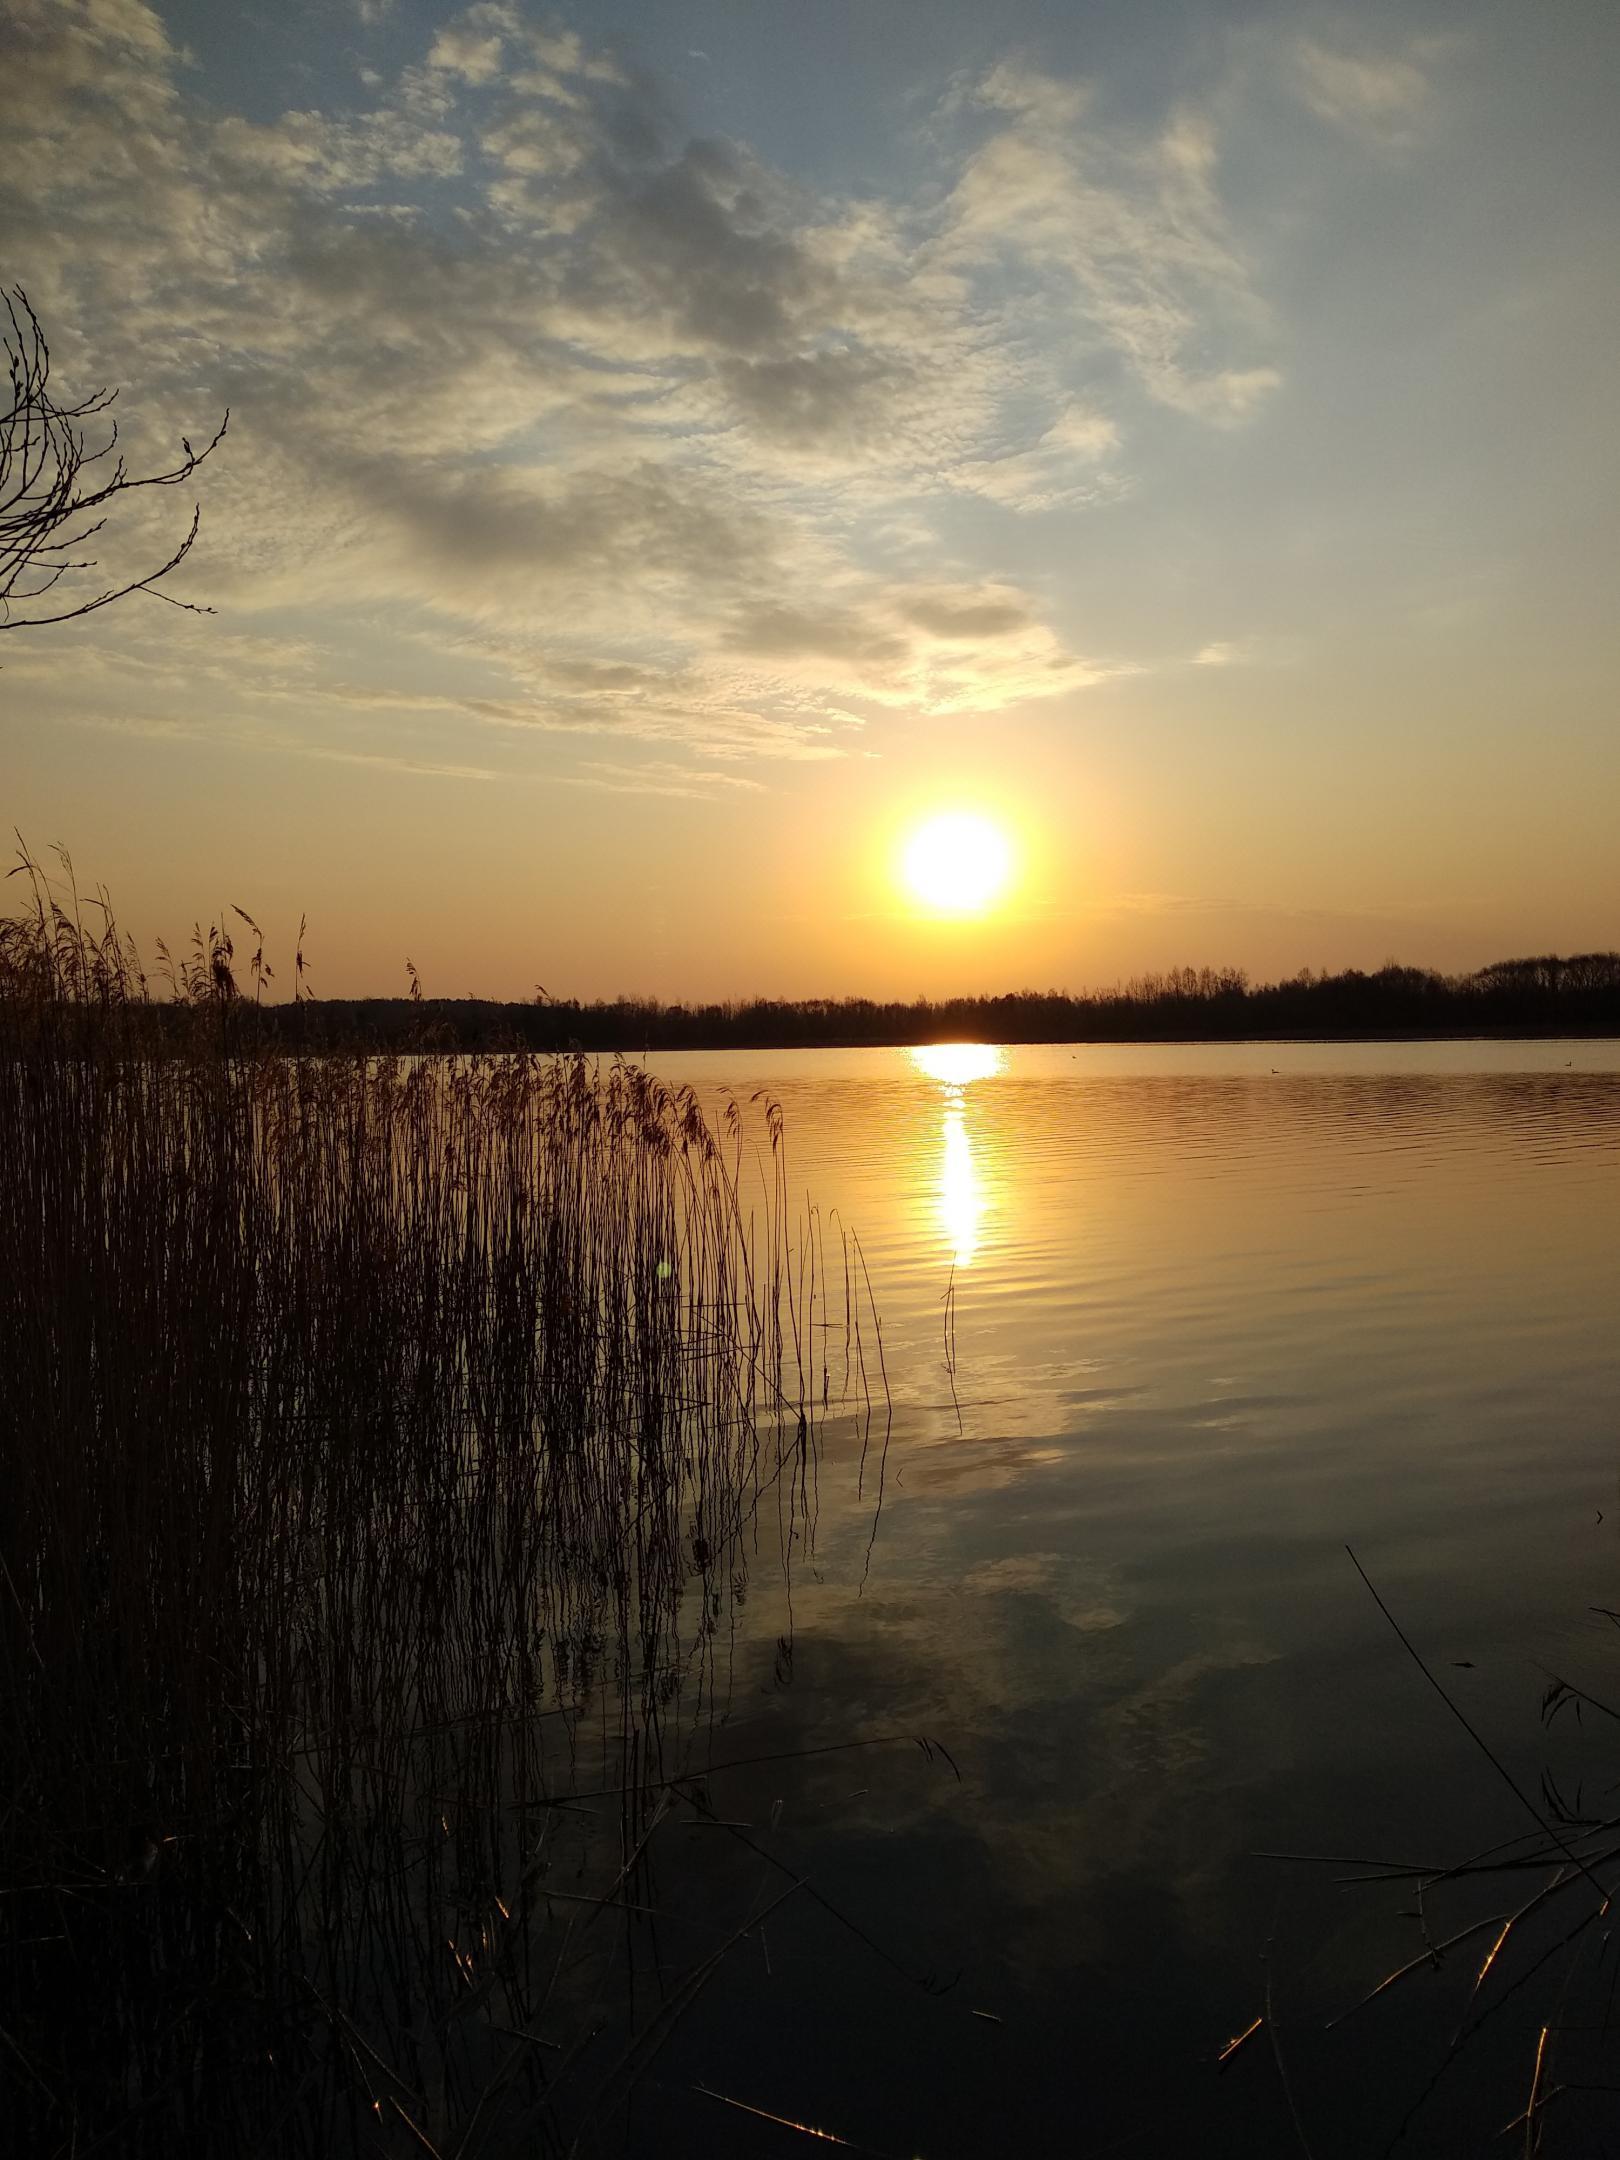 Воскресенье, подъехал к Робинсону, пешочком по лесу….. Хорошо ... | Отчеты о рыбалке в Беларуси